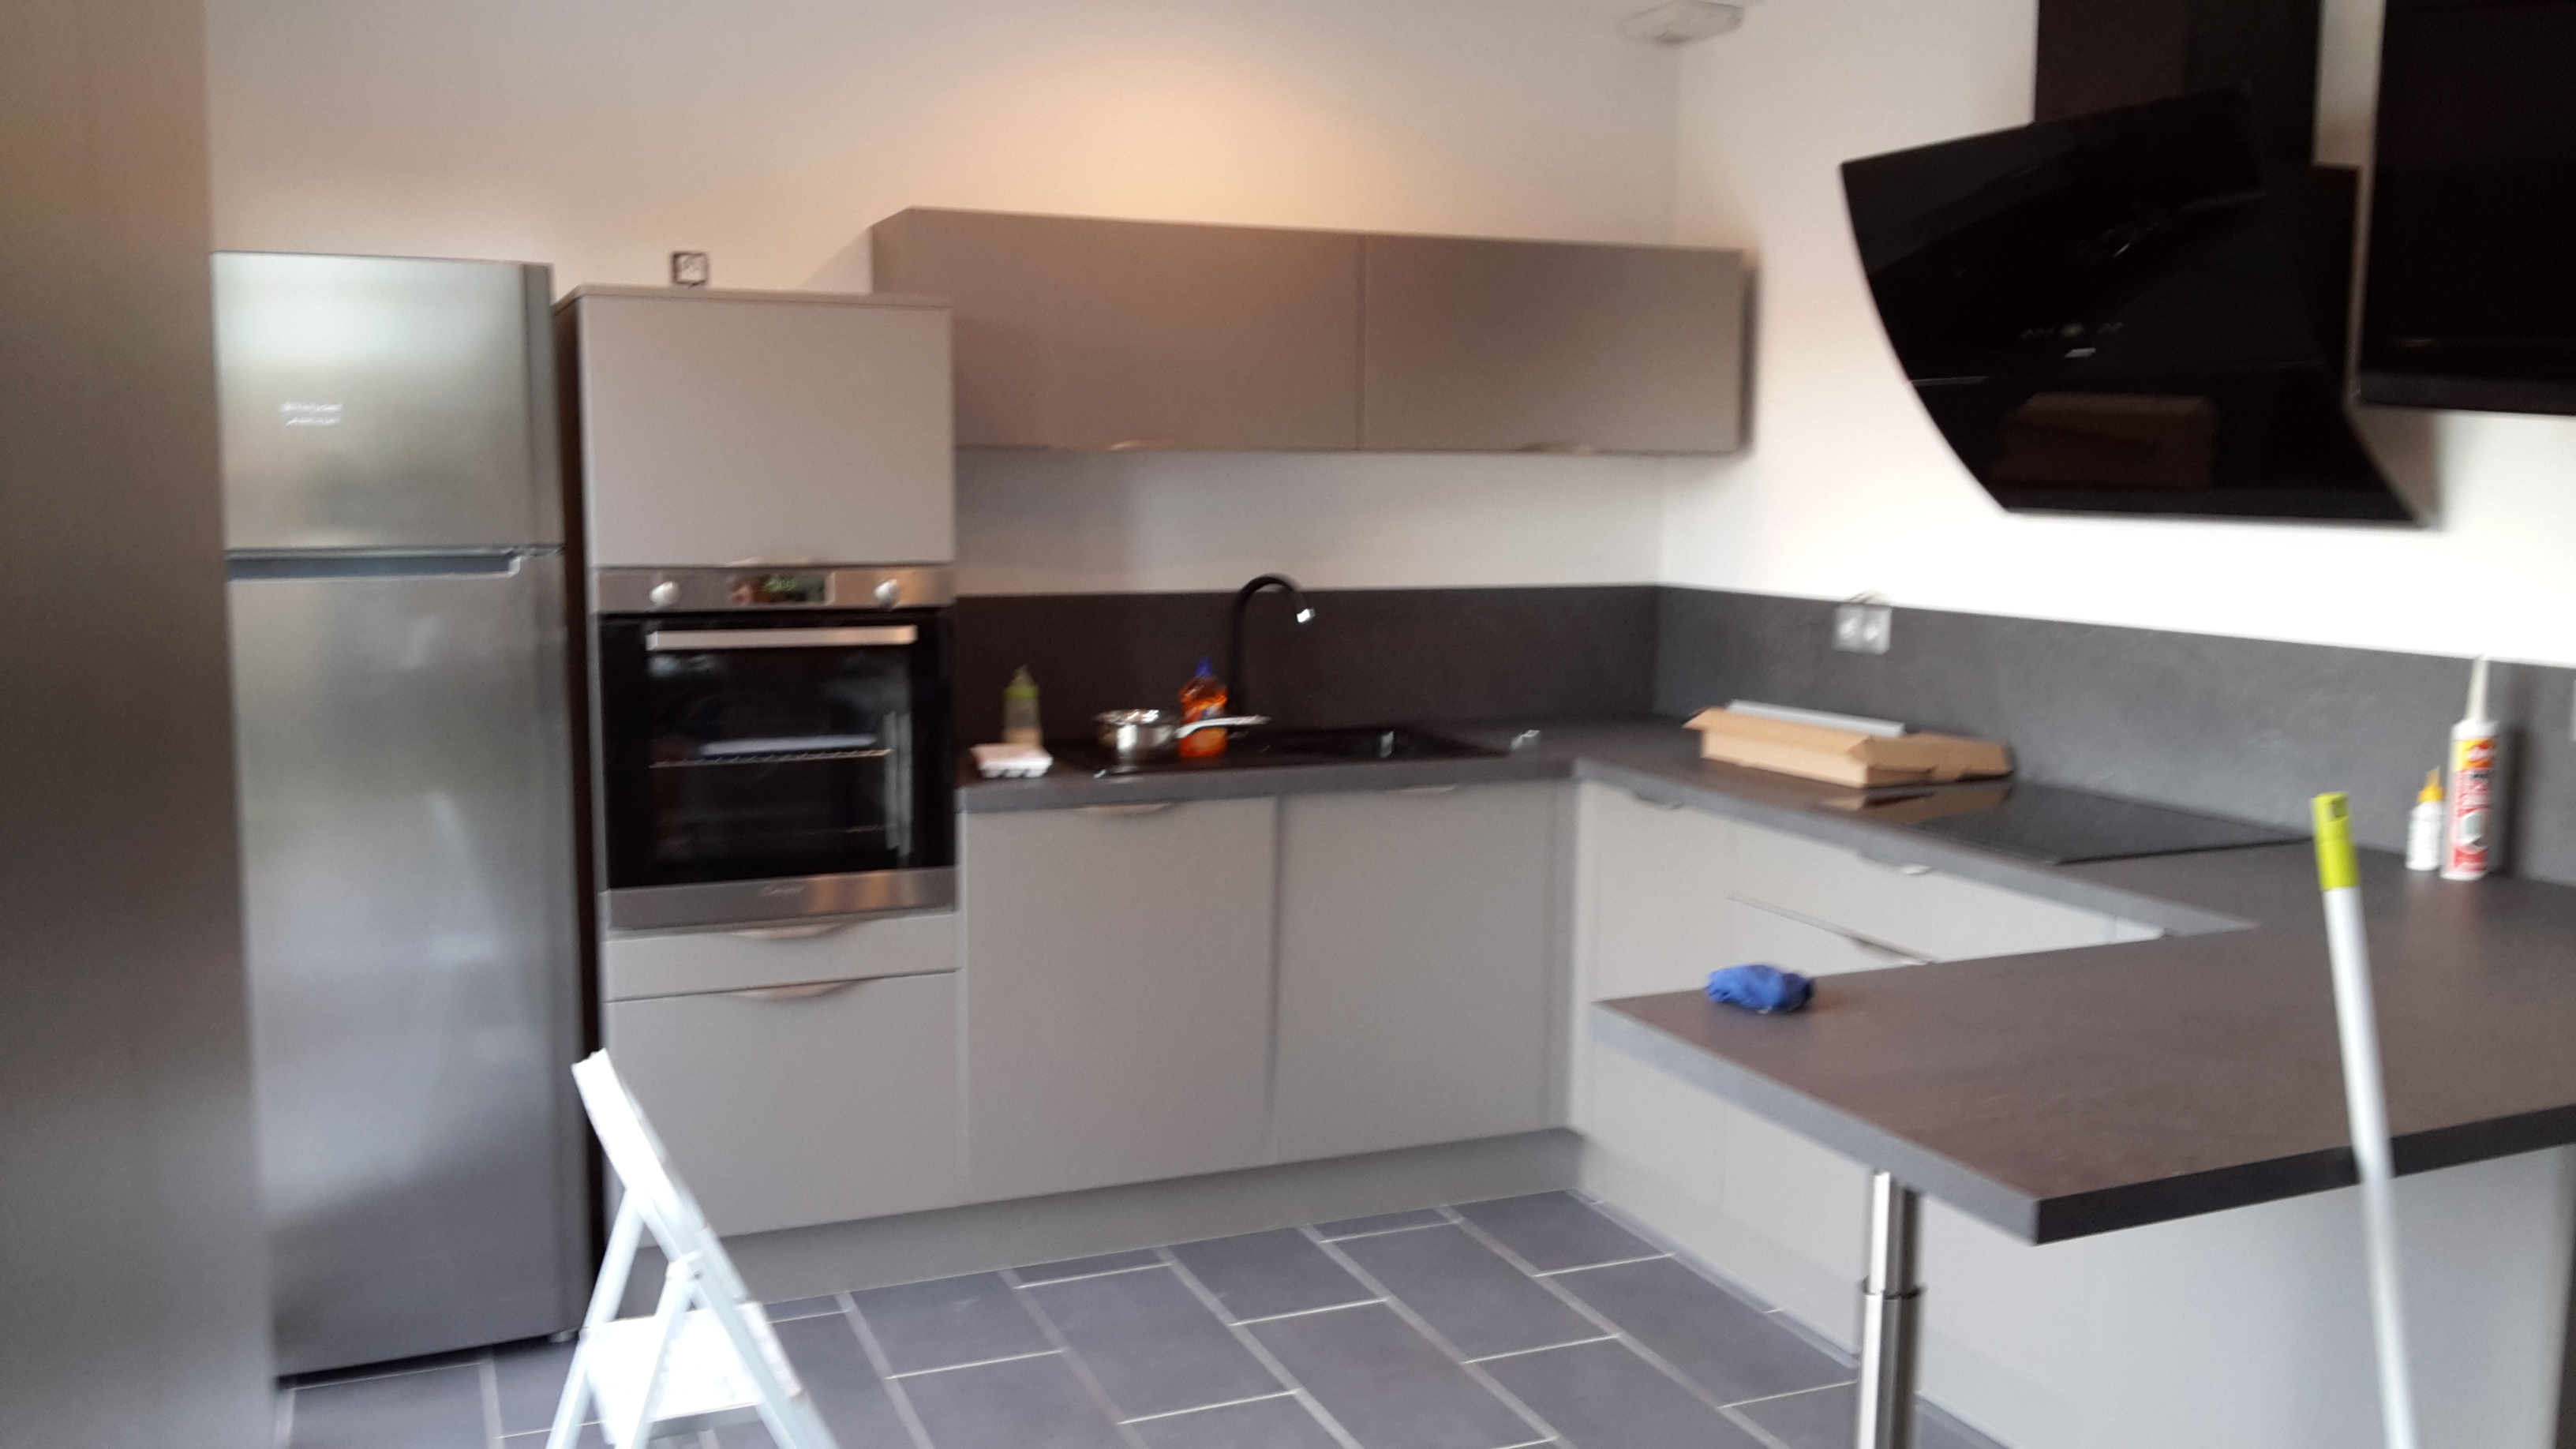 Meuble Haut Cuisine Brico Depot Affordable With Meuble Haut - Pose meuble haut cuisine pour idees de deco de cuisine